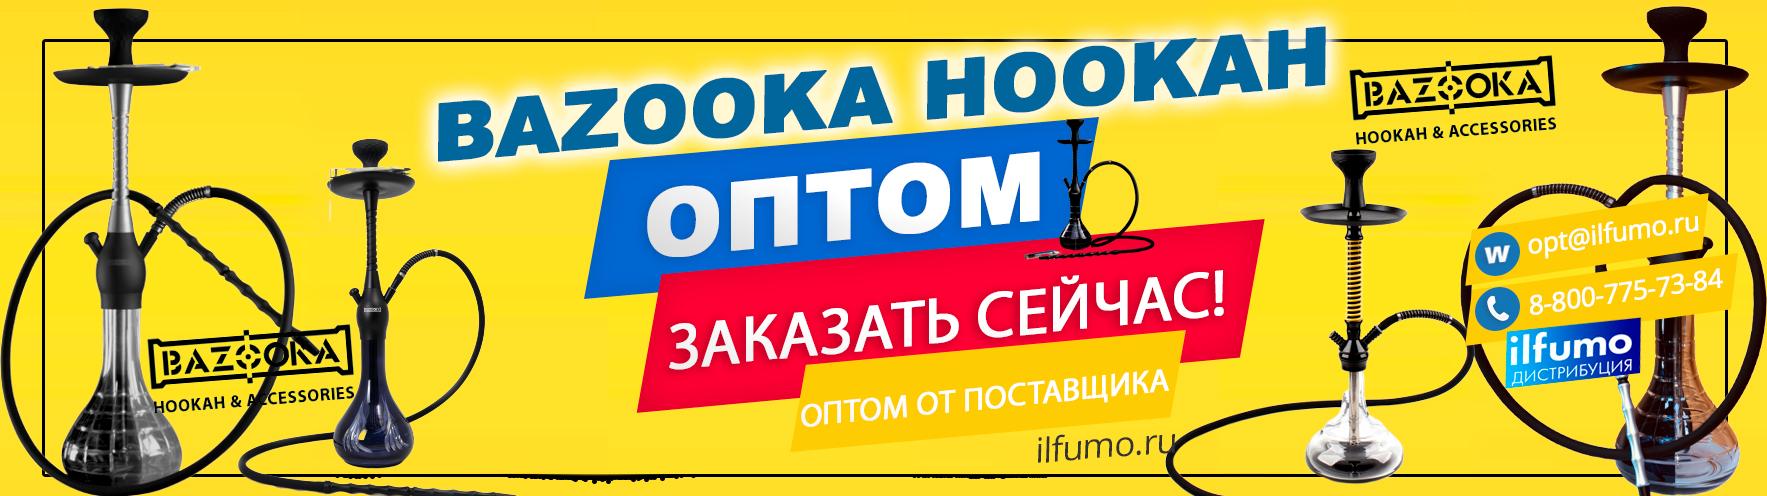 bazooka hookah - Кальян Bazooka Hookah